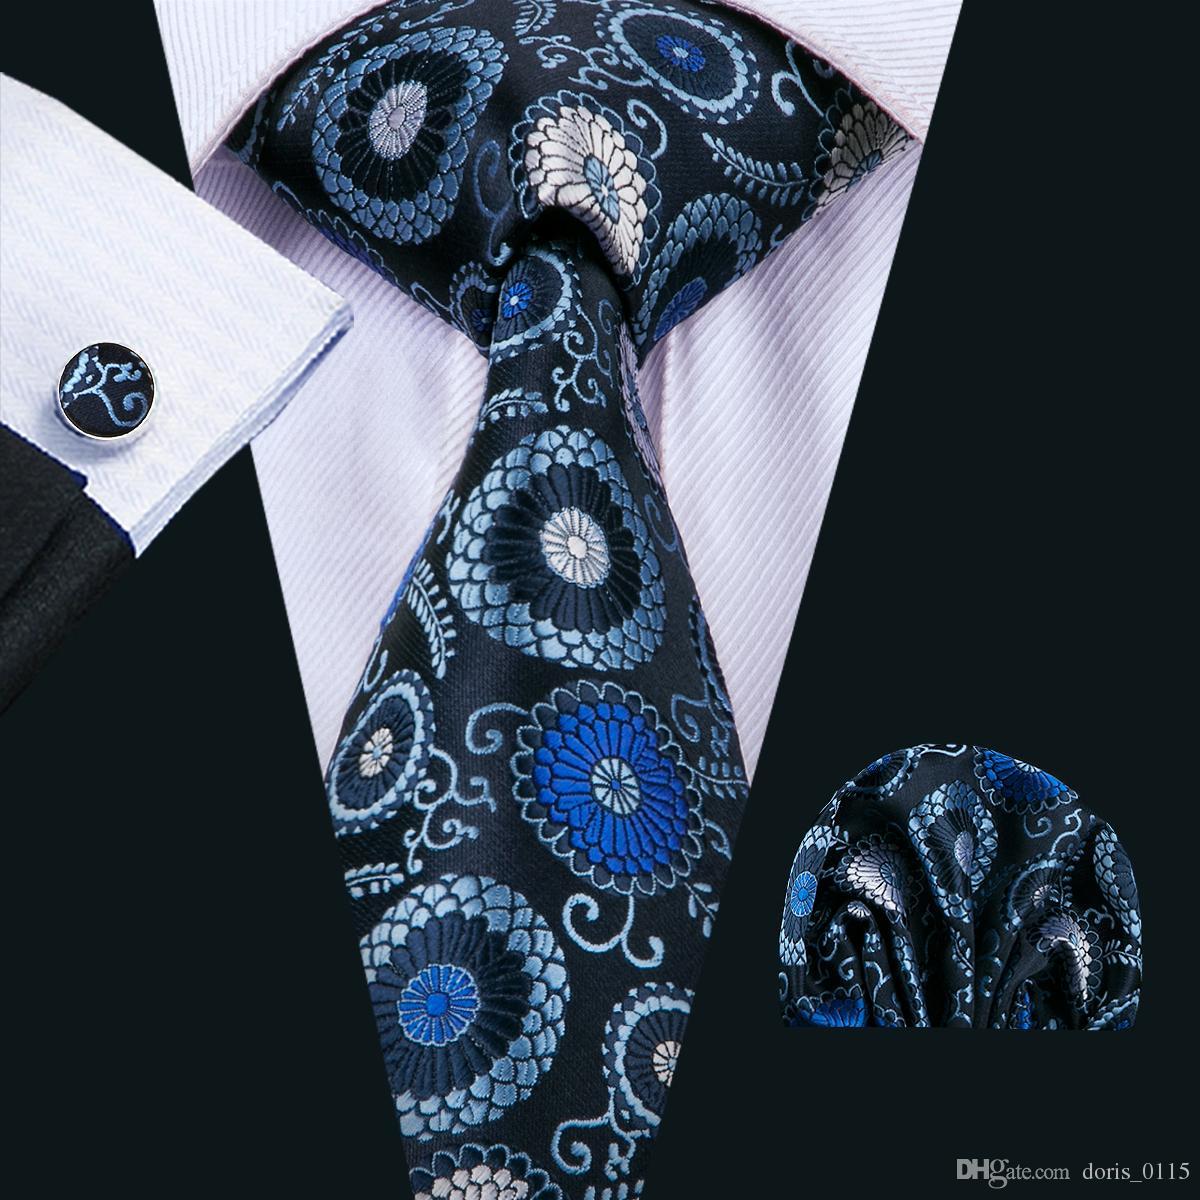 الرجال الأزرق العلاقات الكلاسيكية الحرير التعادل مجموعات الأزهار رجل ربطات العنق التعادل المنديل أزرار أكمام الجاكار المنسوجة اجتماع الأعمال حفل زفاف N-1556